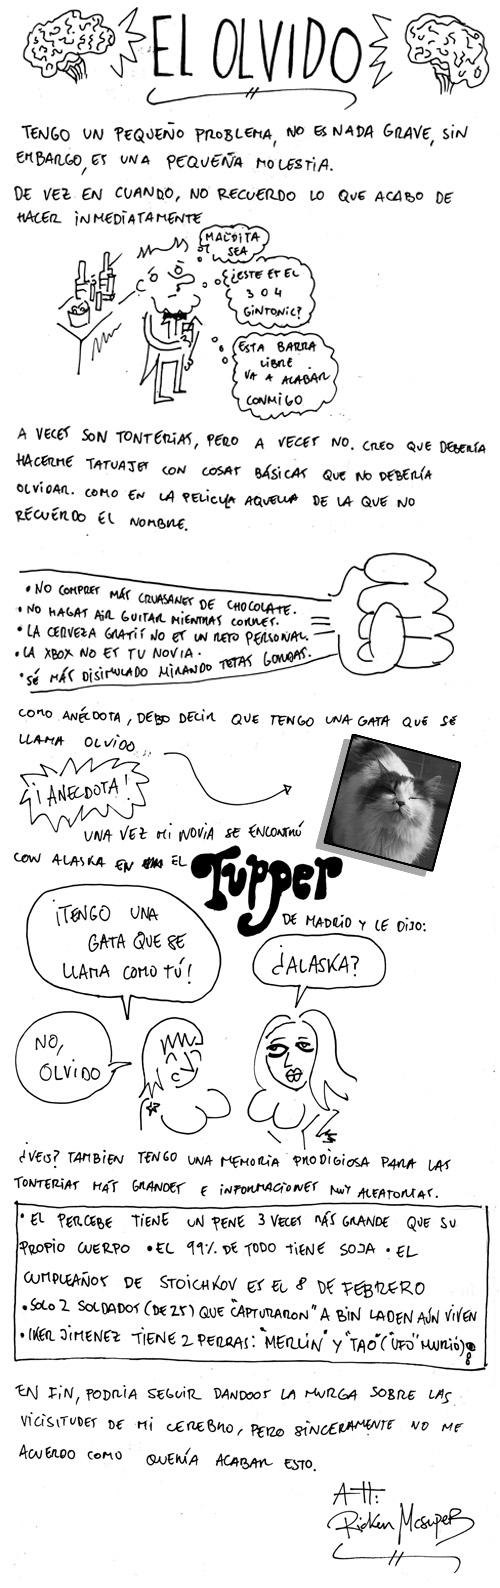 Ricken_olvido